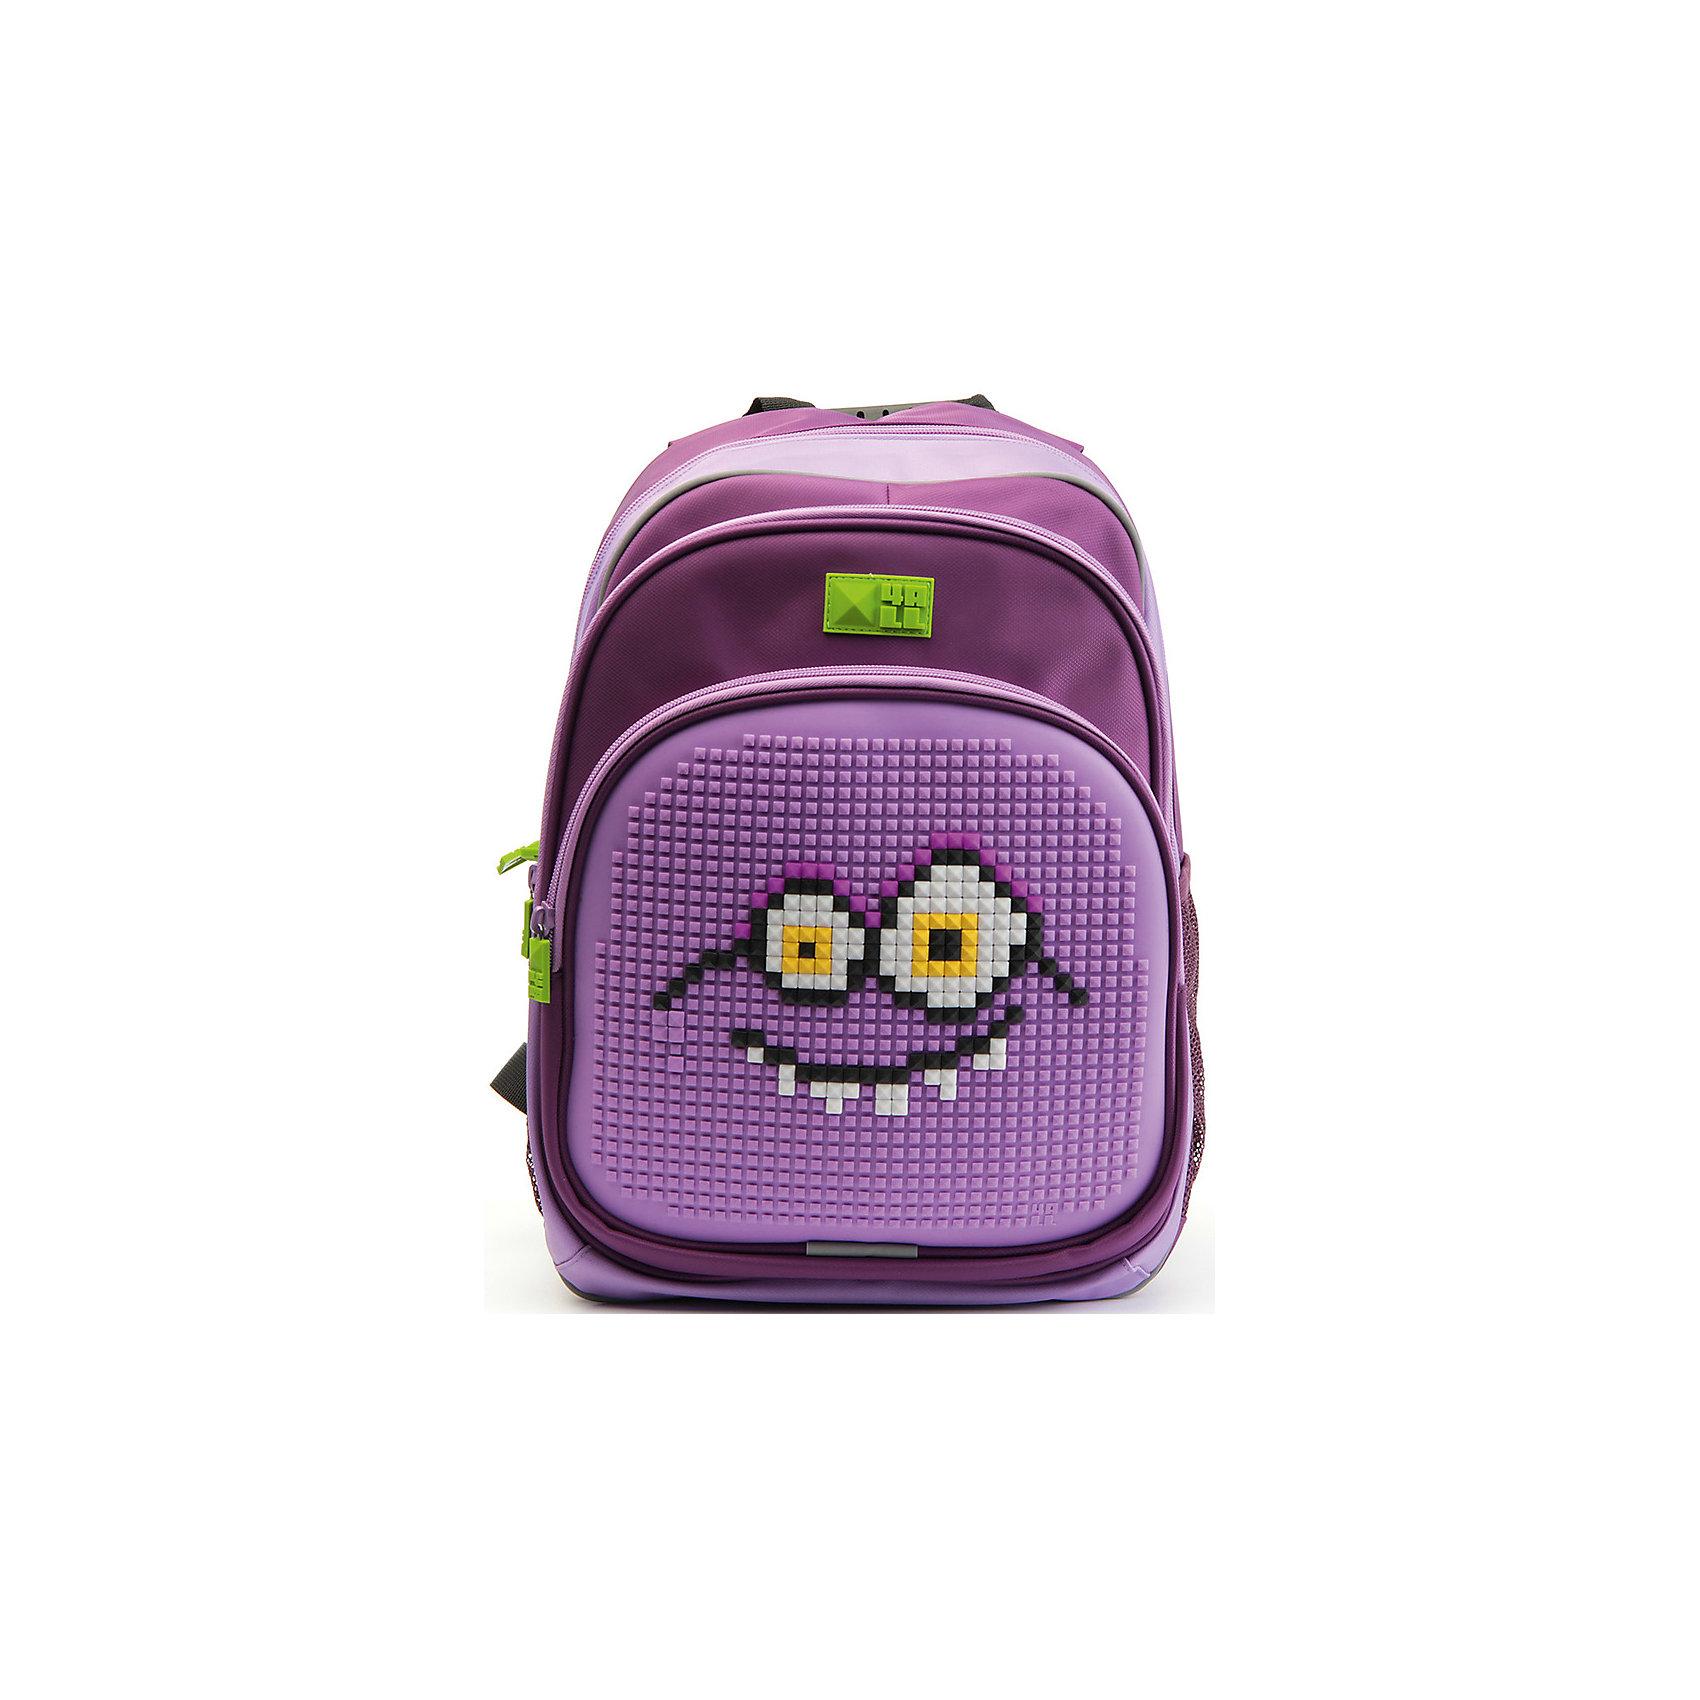 Рюкзак Kids, фиолетово-сиреневыйРюкзак KIDS - это одновременно и яркий, функциональный школьный аксессуар, и безграничная площадка для самовыражения, способная подчеркнуть любой выбранный образ. С помощью уникальной силиконовой панели и набора пластиковых пикселей-битов можно декорировать фасад рюкзака, как угодно, полагаясь на свое воображение и вкус. А все материалы, задействованные при изготовлении, имеют специальную вода- и грязеотталкивающую пропитку, что гарантирует практичность, износостойкость и долговечность рюкзака.<br><br>Такой современный и интересный ранец будет прекрасным подарком к 1 сентября!<br><br>Особенности:<br>AIR COMFORT system:<br>- Система свободной циркуляции воздуха между задней стенкой рюкзака и спиной ребенка.<br>- Совместно с ортопедической спиной ERGO system эта система воздухообмена делает ежедневное использование рюкзаков KIDS безопасным для здоровья и максимально комфортным!<br>ERGO system:<br>- Разработанная нами система ERGO служит равномерному распределению нагрузки на спину ребенка. Она способна сделать рюкзак, наполненный учебниками, легким. ERGO служит сохранению правильной осанки и заботится о здоровье позвоночника!<br>Ортопедическая спина:<br>- Важное свойство наших рюкзаков - ортопедическая спина! Способна как корсет поддерживать позвоночник, правильно распределяя нагрузку, а так же обеспечивает циркуляцию воздуха между задней стенкой рюкзака и спиной ребенка!<br>А также:<br>- Гипоаллергенный силикон;<br>- Водоотталкивающие материалы;<br>- Устойчивость всех материалов к температурам воздуха ниже 0!<br><br>Дополнительная информация:<br><br>- Рюкзак уже содержит 1 упаковку разноцветных пикселей-битов (300 шт.) для создания картинок<br>- Цвет: фиолетово-сиреневый;<br>- Объем рюкзака: 22 л.<br>- Размер в упаковке: 39х27х15 см.<br>- Вес в упаковке: 950 г.<br><br>Рюкзак Kids в  фиолетово-сиреневом цвете , можно купить в нашем магазине.<br><br>Ширина мм: 390<br>Глубина мм: 270<br>Высота мм: 150<br>Вес г: 950<br>Возраст от месяцев: 